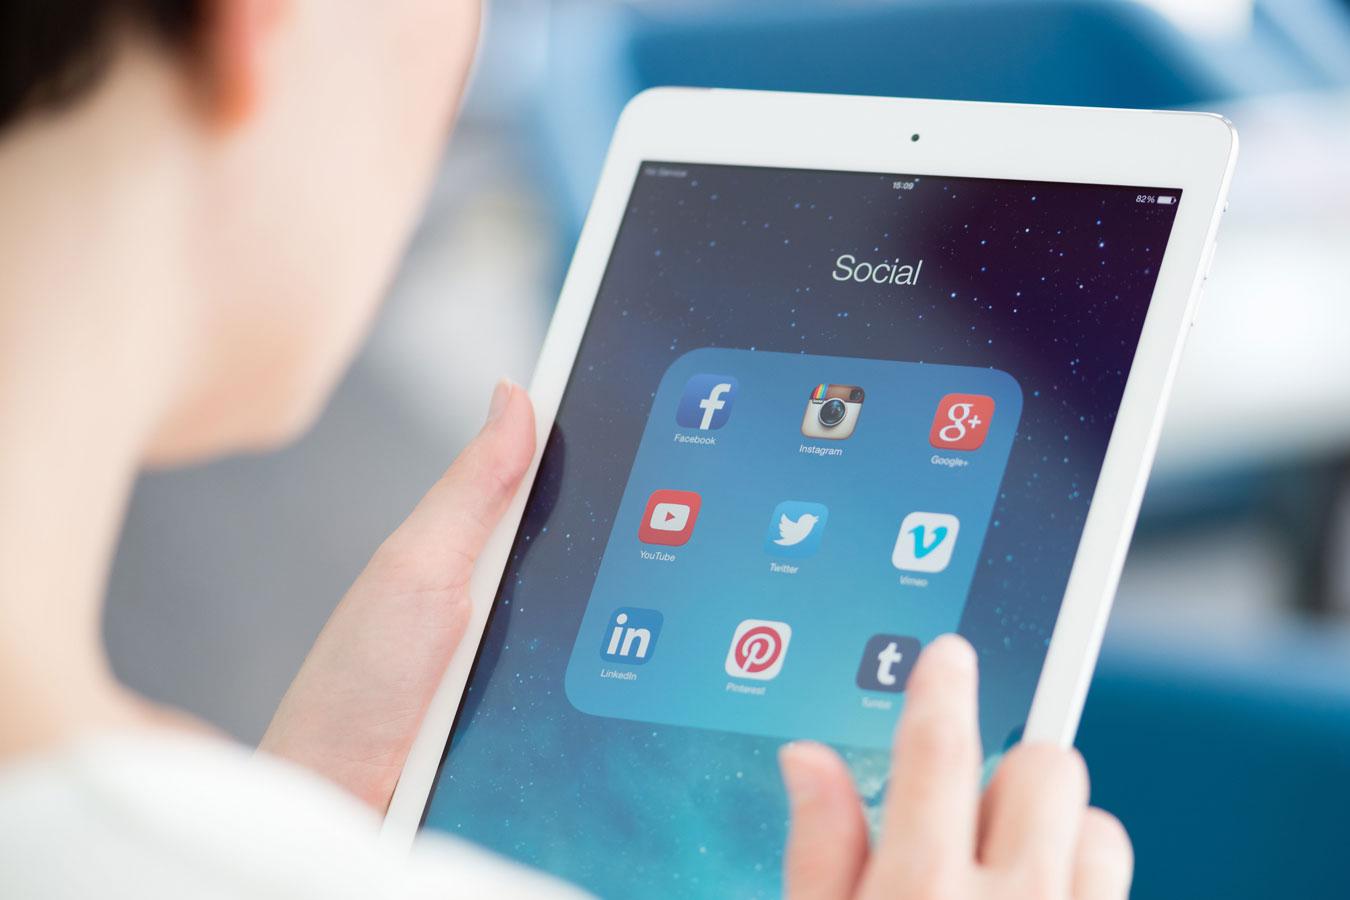 Пользователи соцстей смогут переносить данные с одной онлайн-площадки на другую